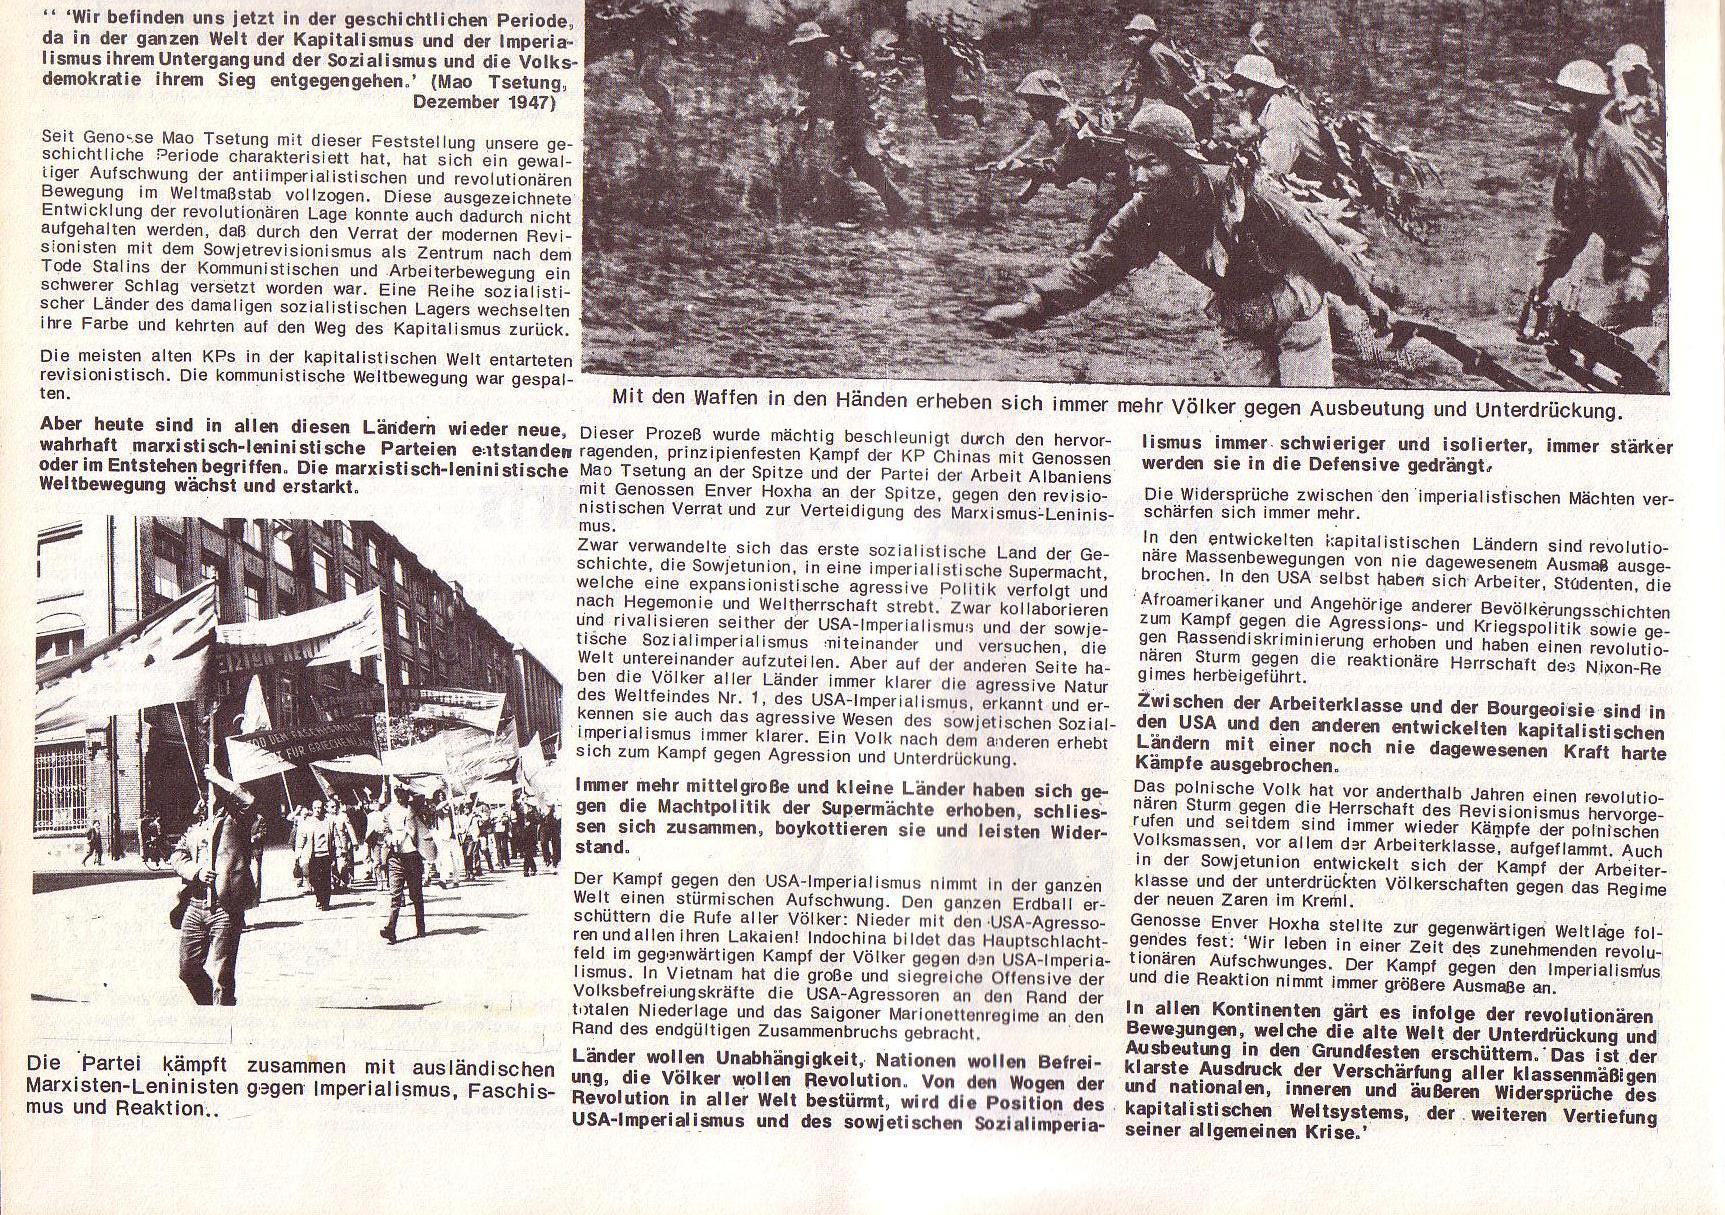 Roter Morgen, 6. Jg., Juli 1972, Sonderbeilage zum II. ordentlichen Parteitag, Seite 4b